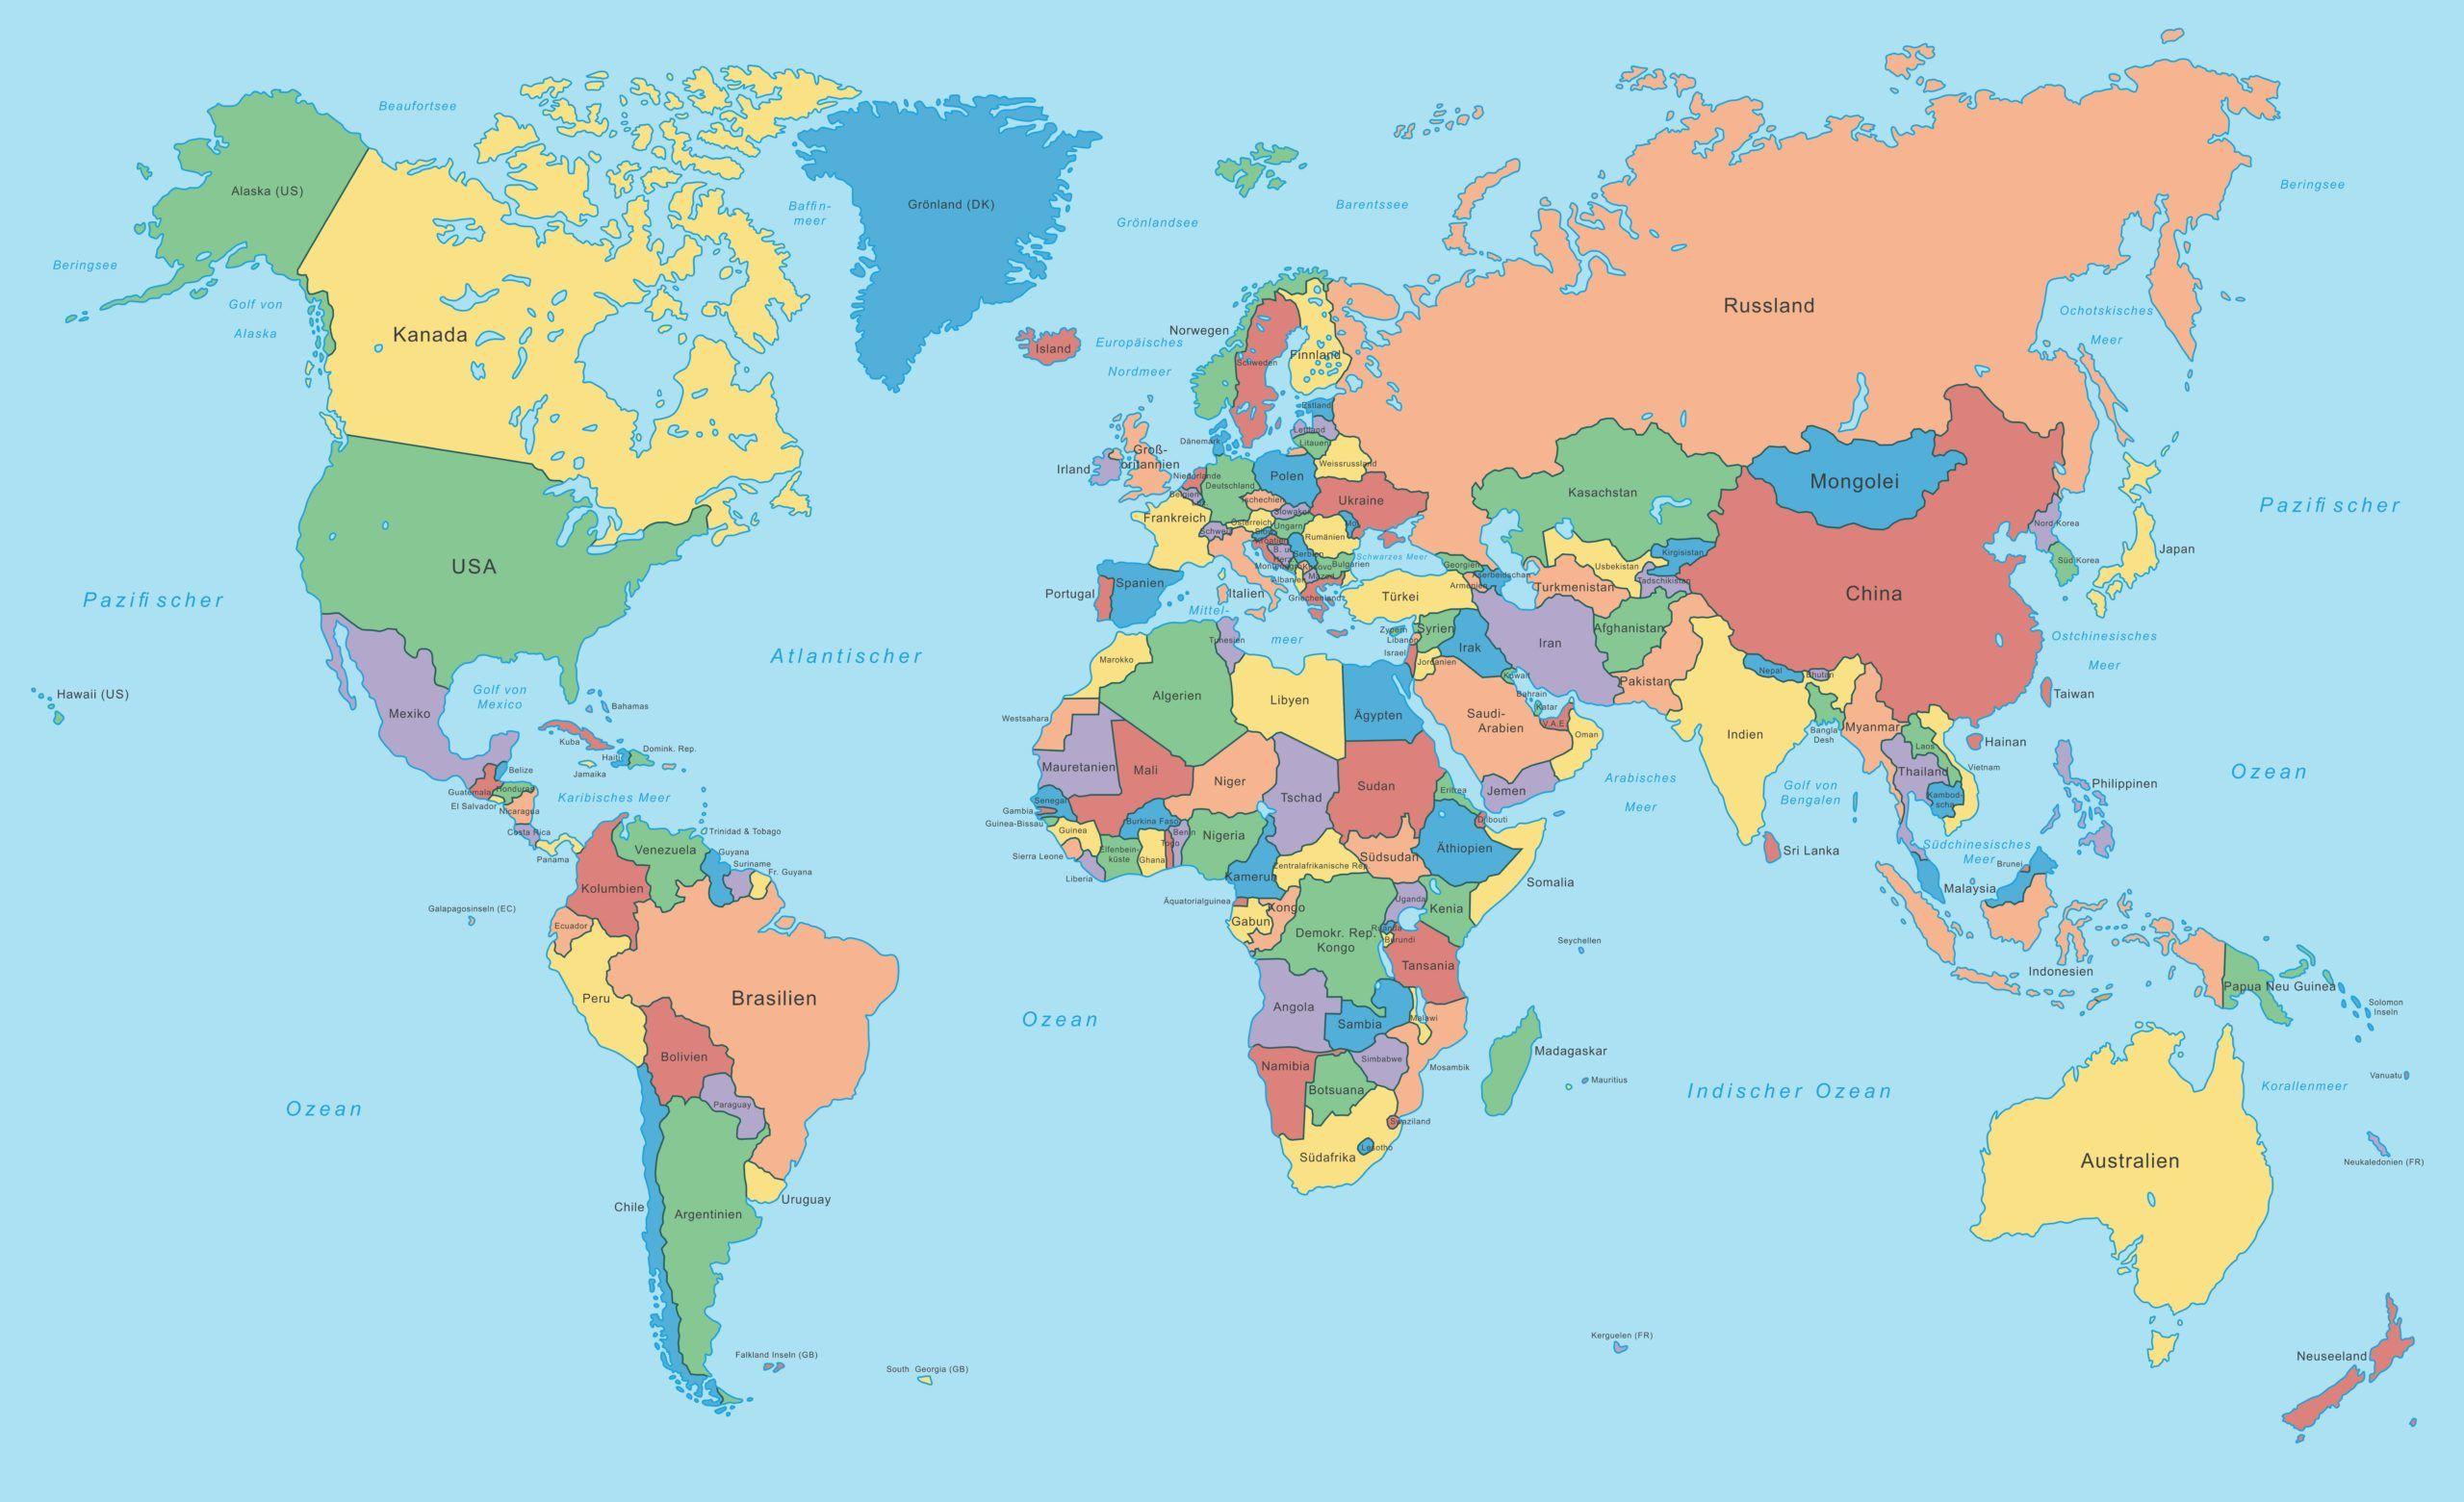 Weltkarte | Landkarte Aller Staaten Der Welt - Politische Karte über Länder Der Welt Karte